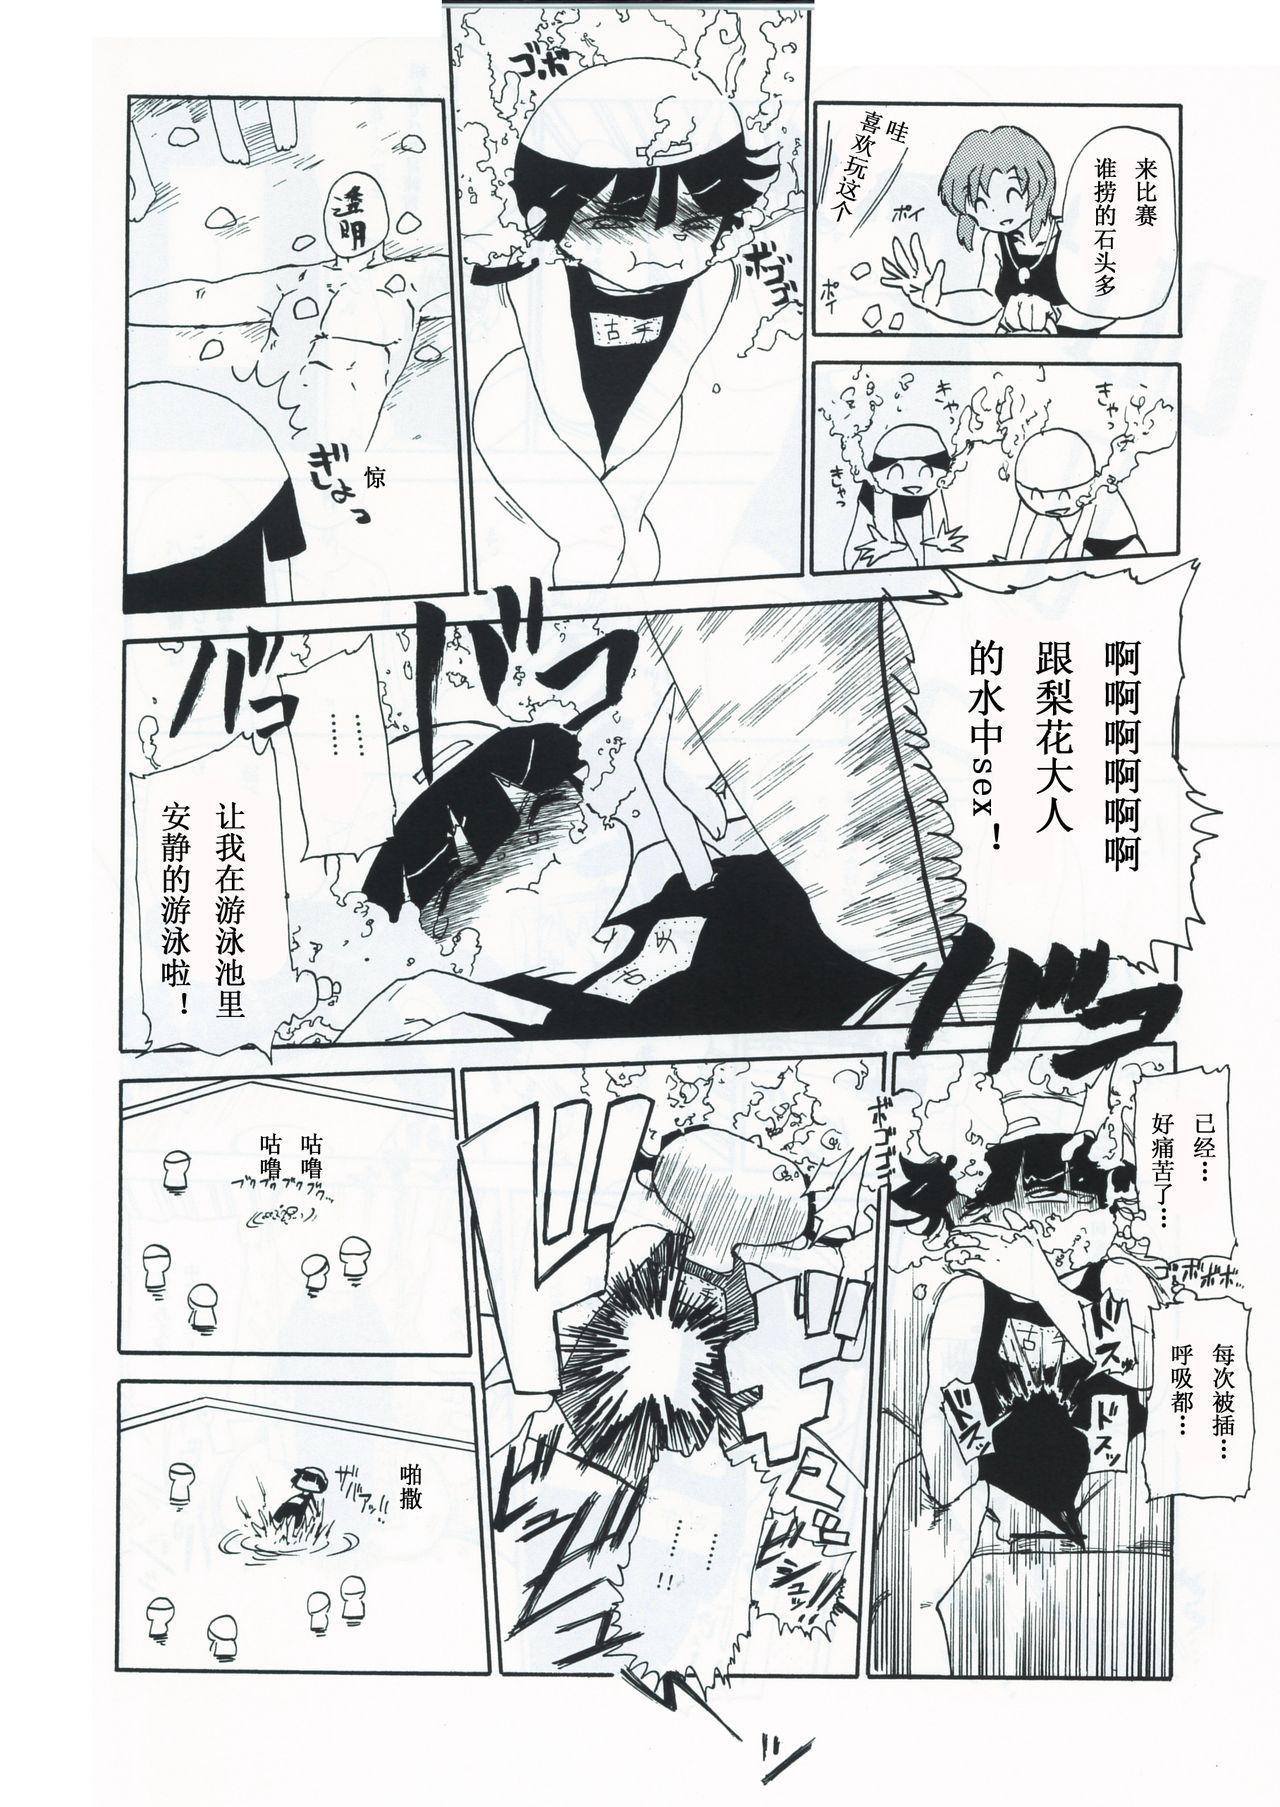 Kiki Kaikai! | 奇奇怪怪 19